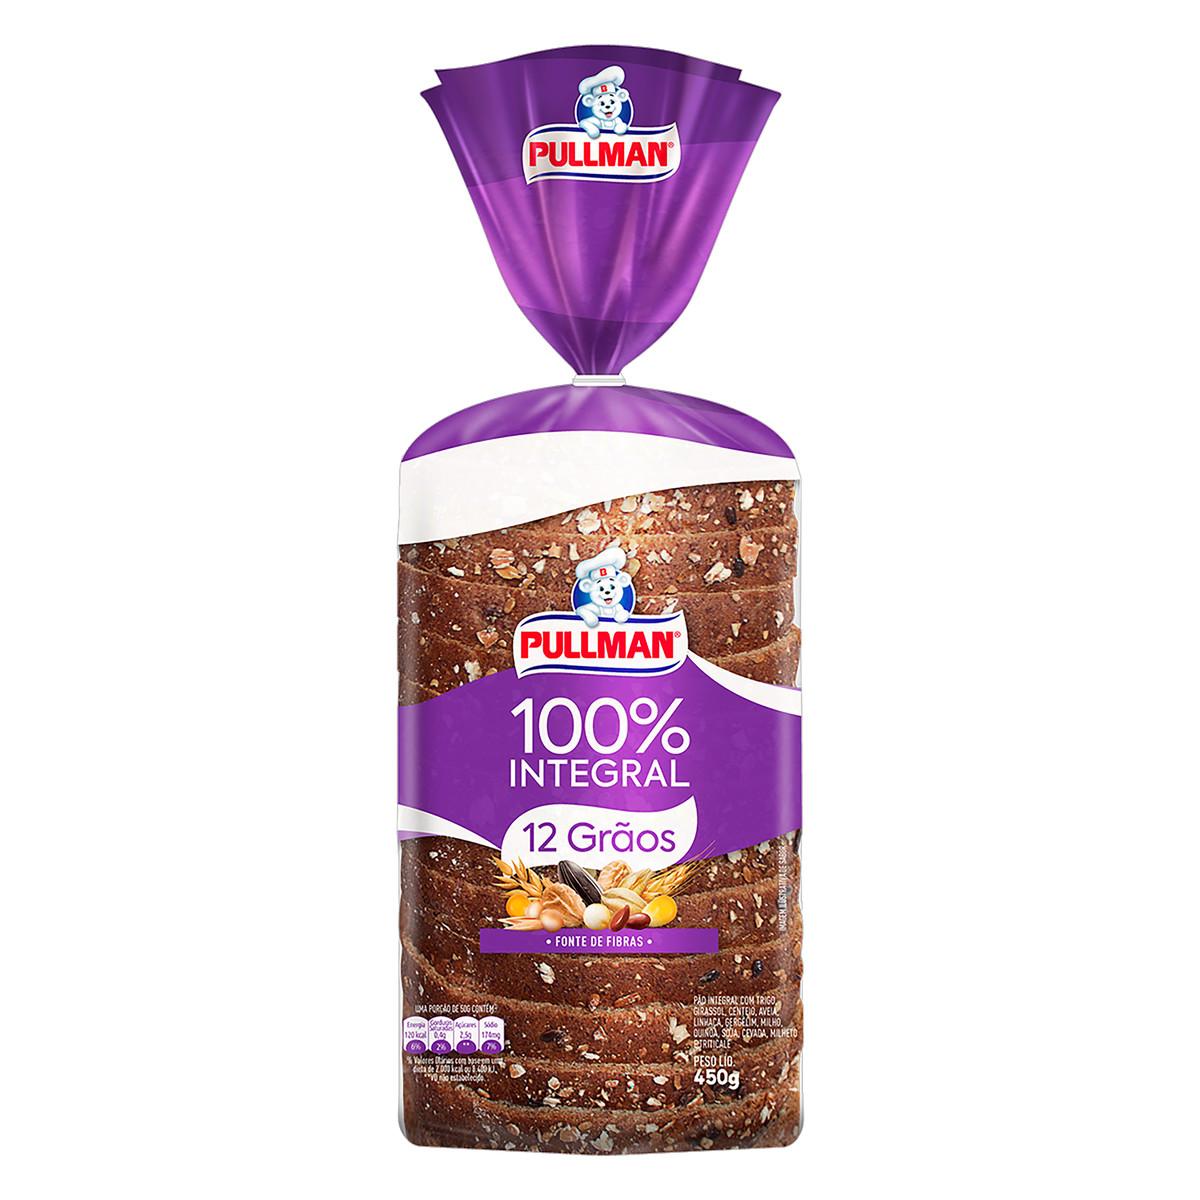 Pão 100% Integral 12 Grãos com Trigo, Girassol, Centeio, Aveia, Linhaça, Gergelim, Milho, Quinoa, Soja, Cevada, Milheto e Triticale Pullman Pacote 450g